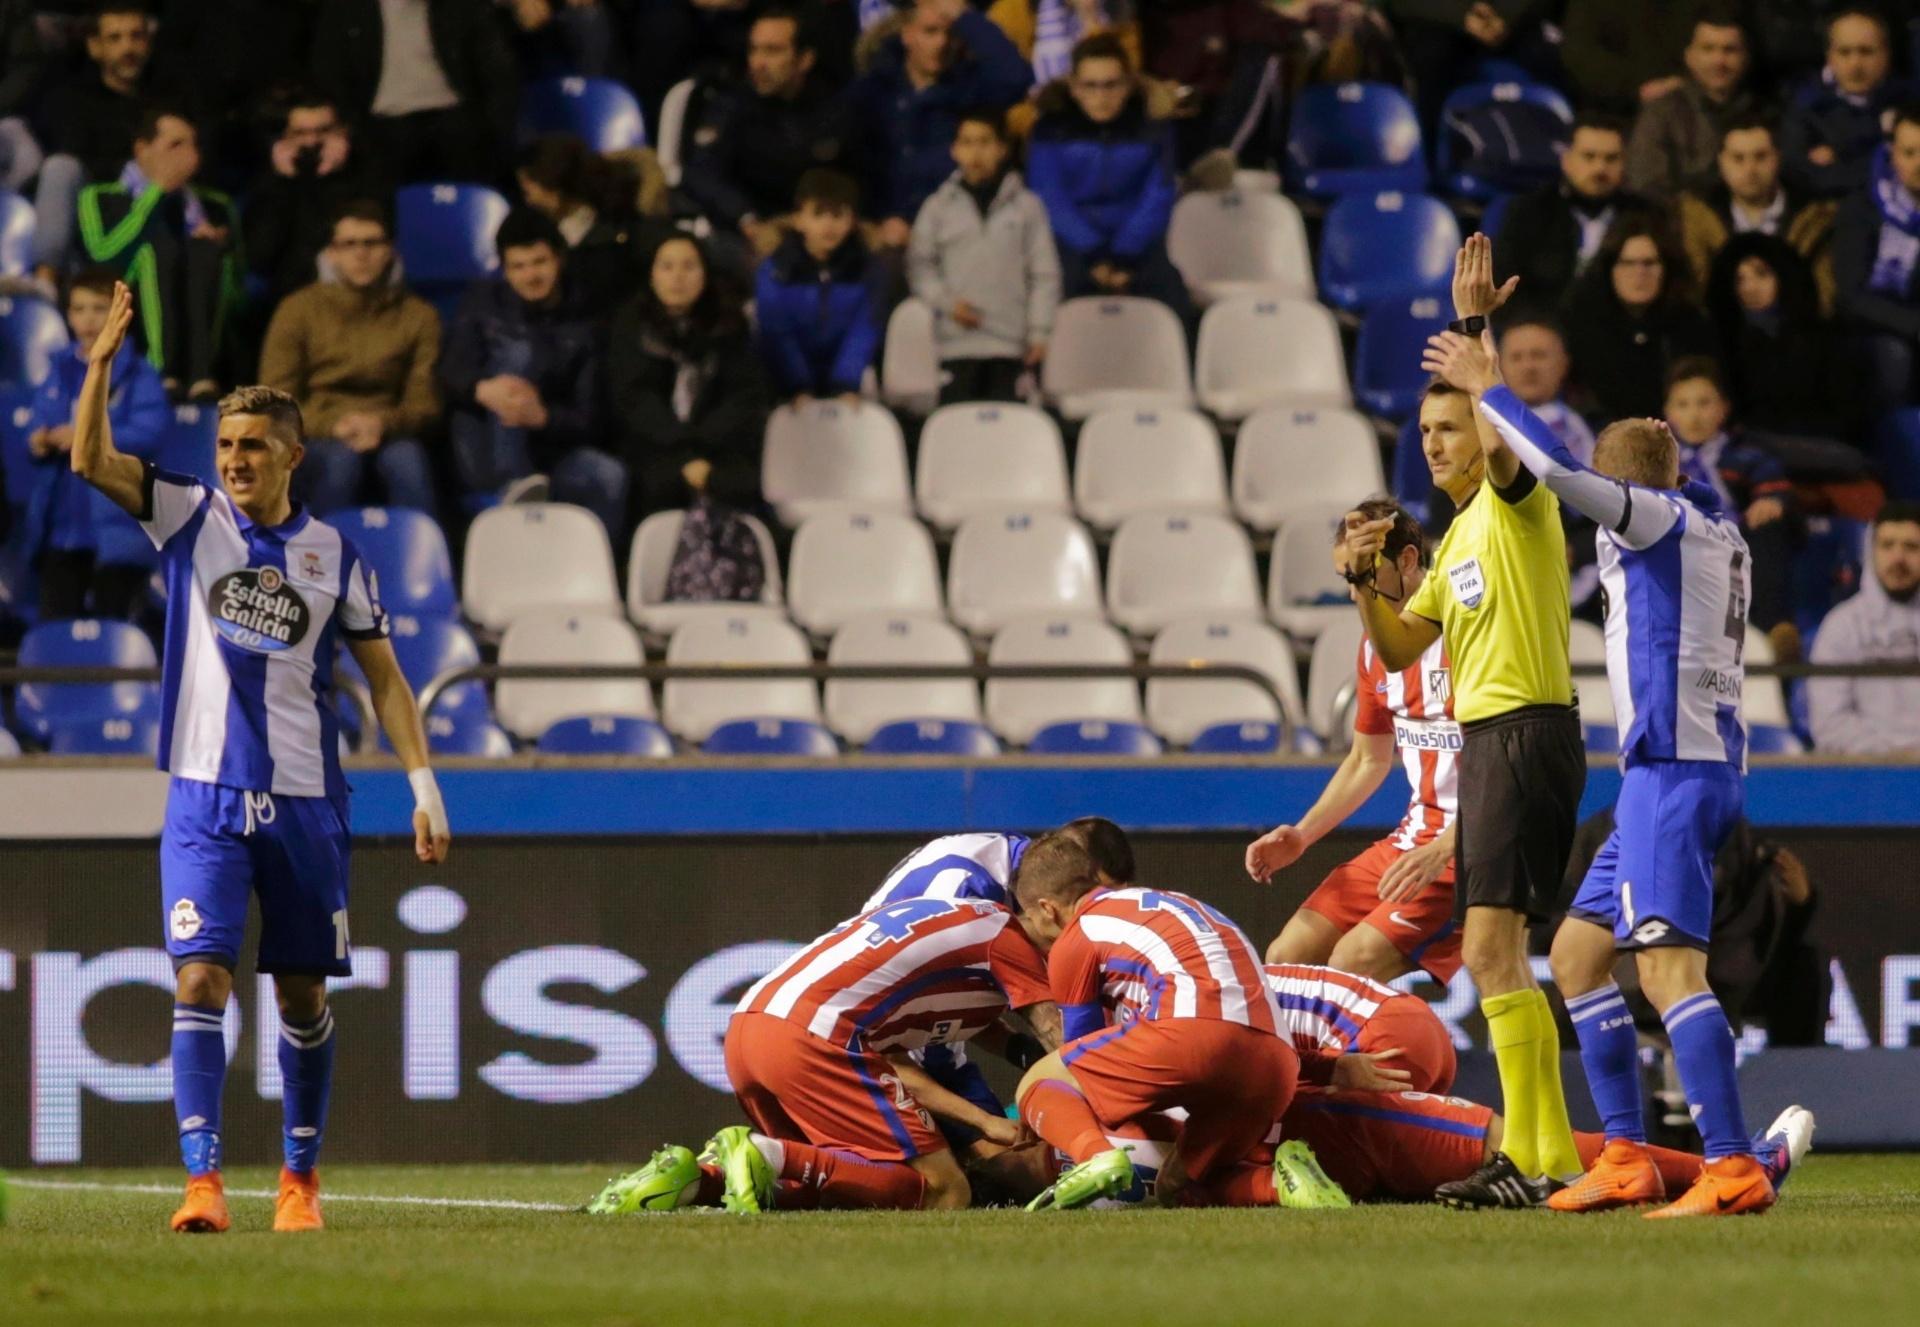 Fernando Torres sofre traumatismo após choque e é levado a hospital -  02 03 2017 - UOL Esporte 75a5b94759c71